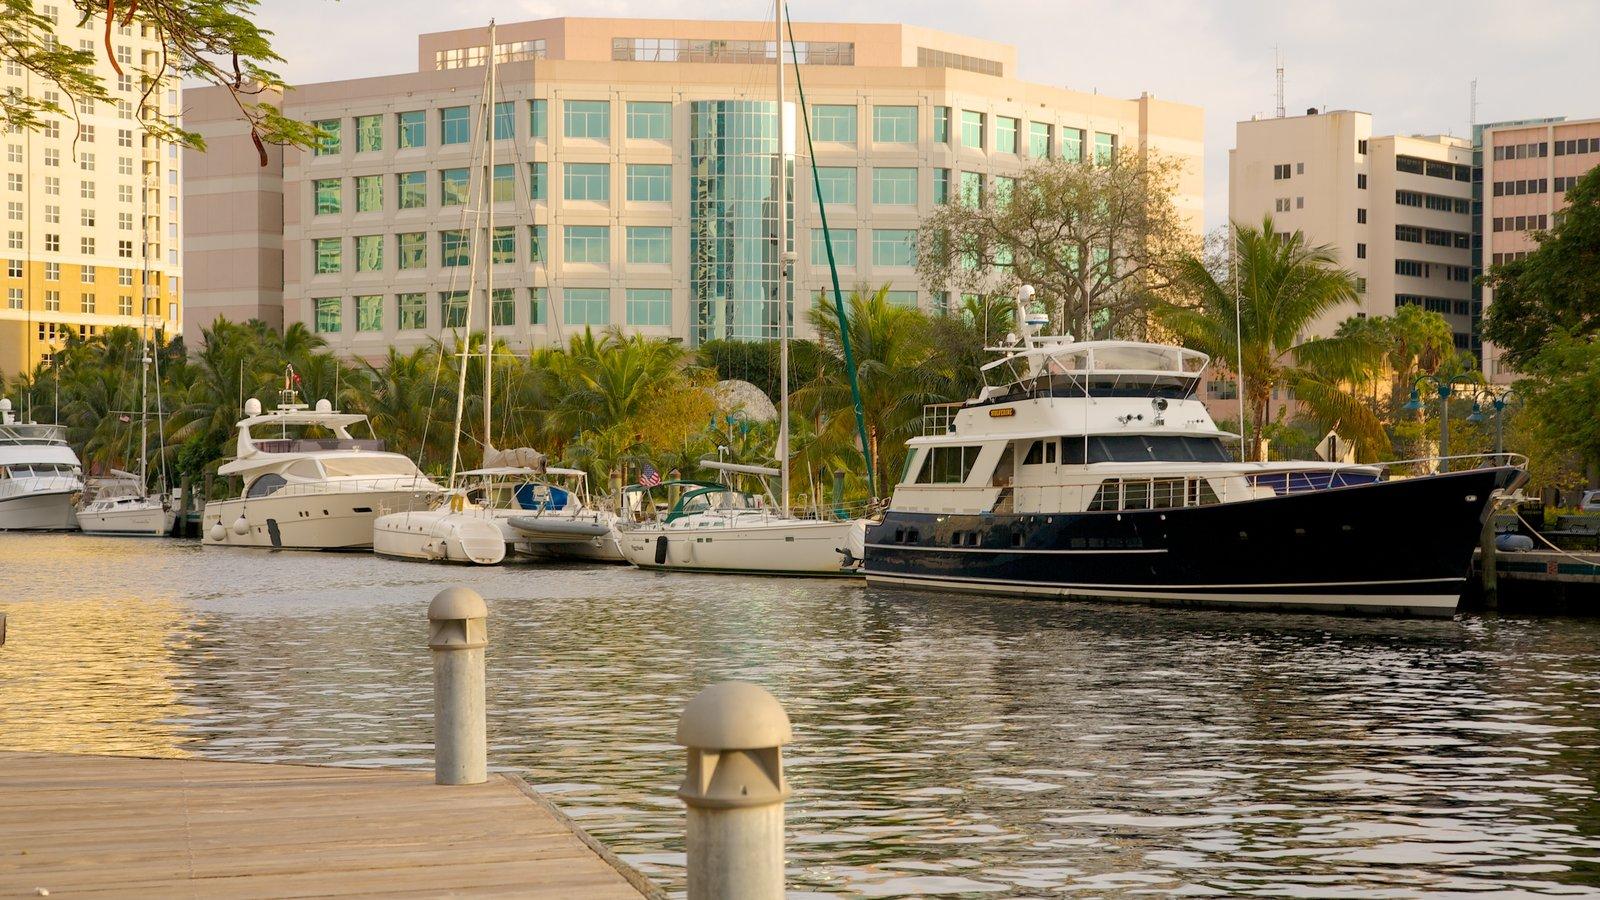 Riverwalk ofreciendo paseos en lancha, distrito financiero central y una bahía o puerto